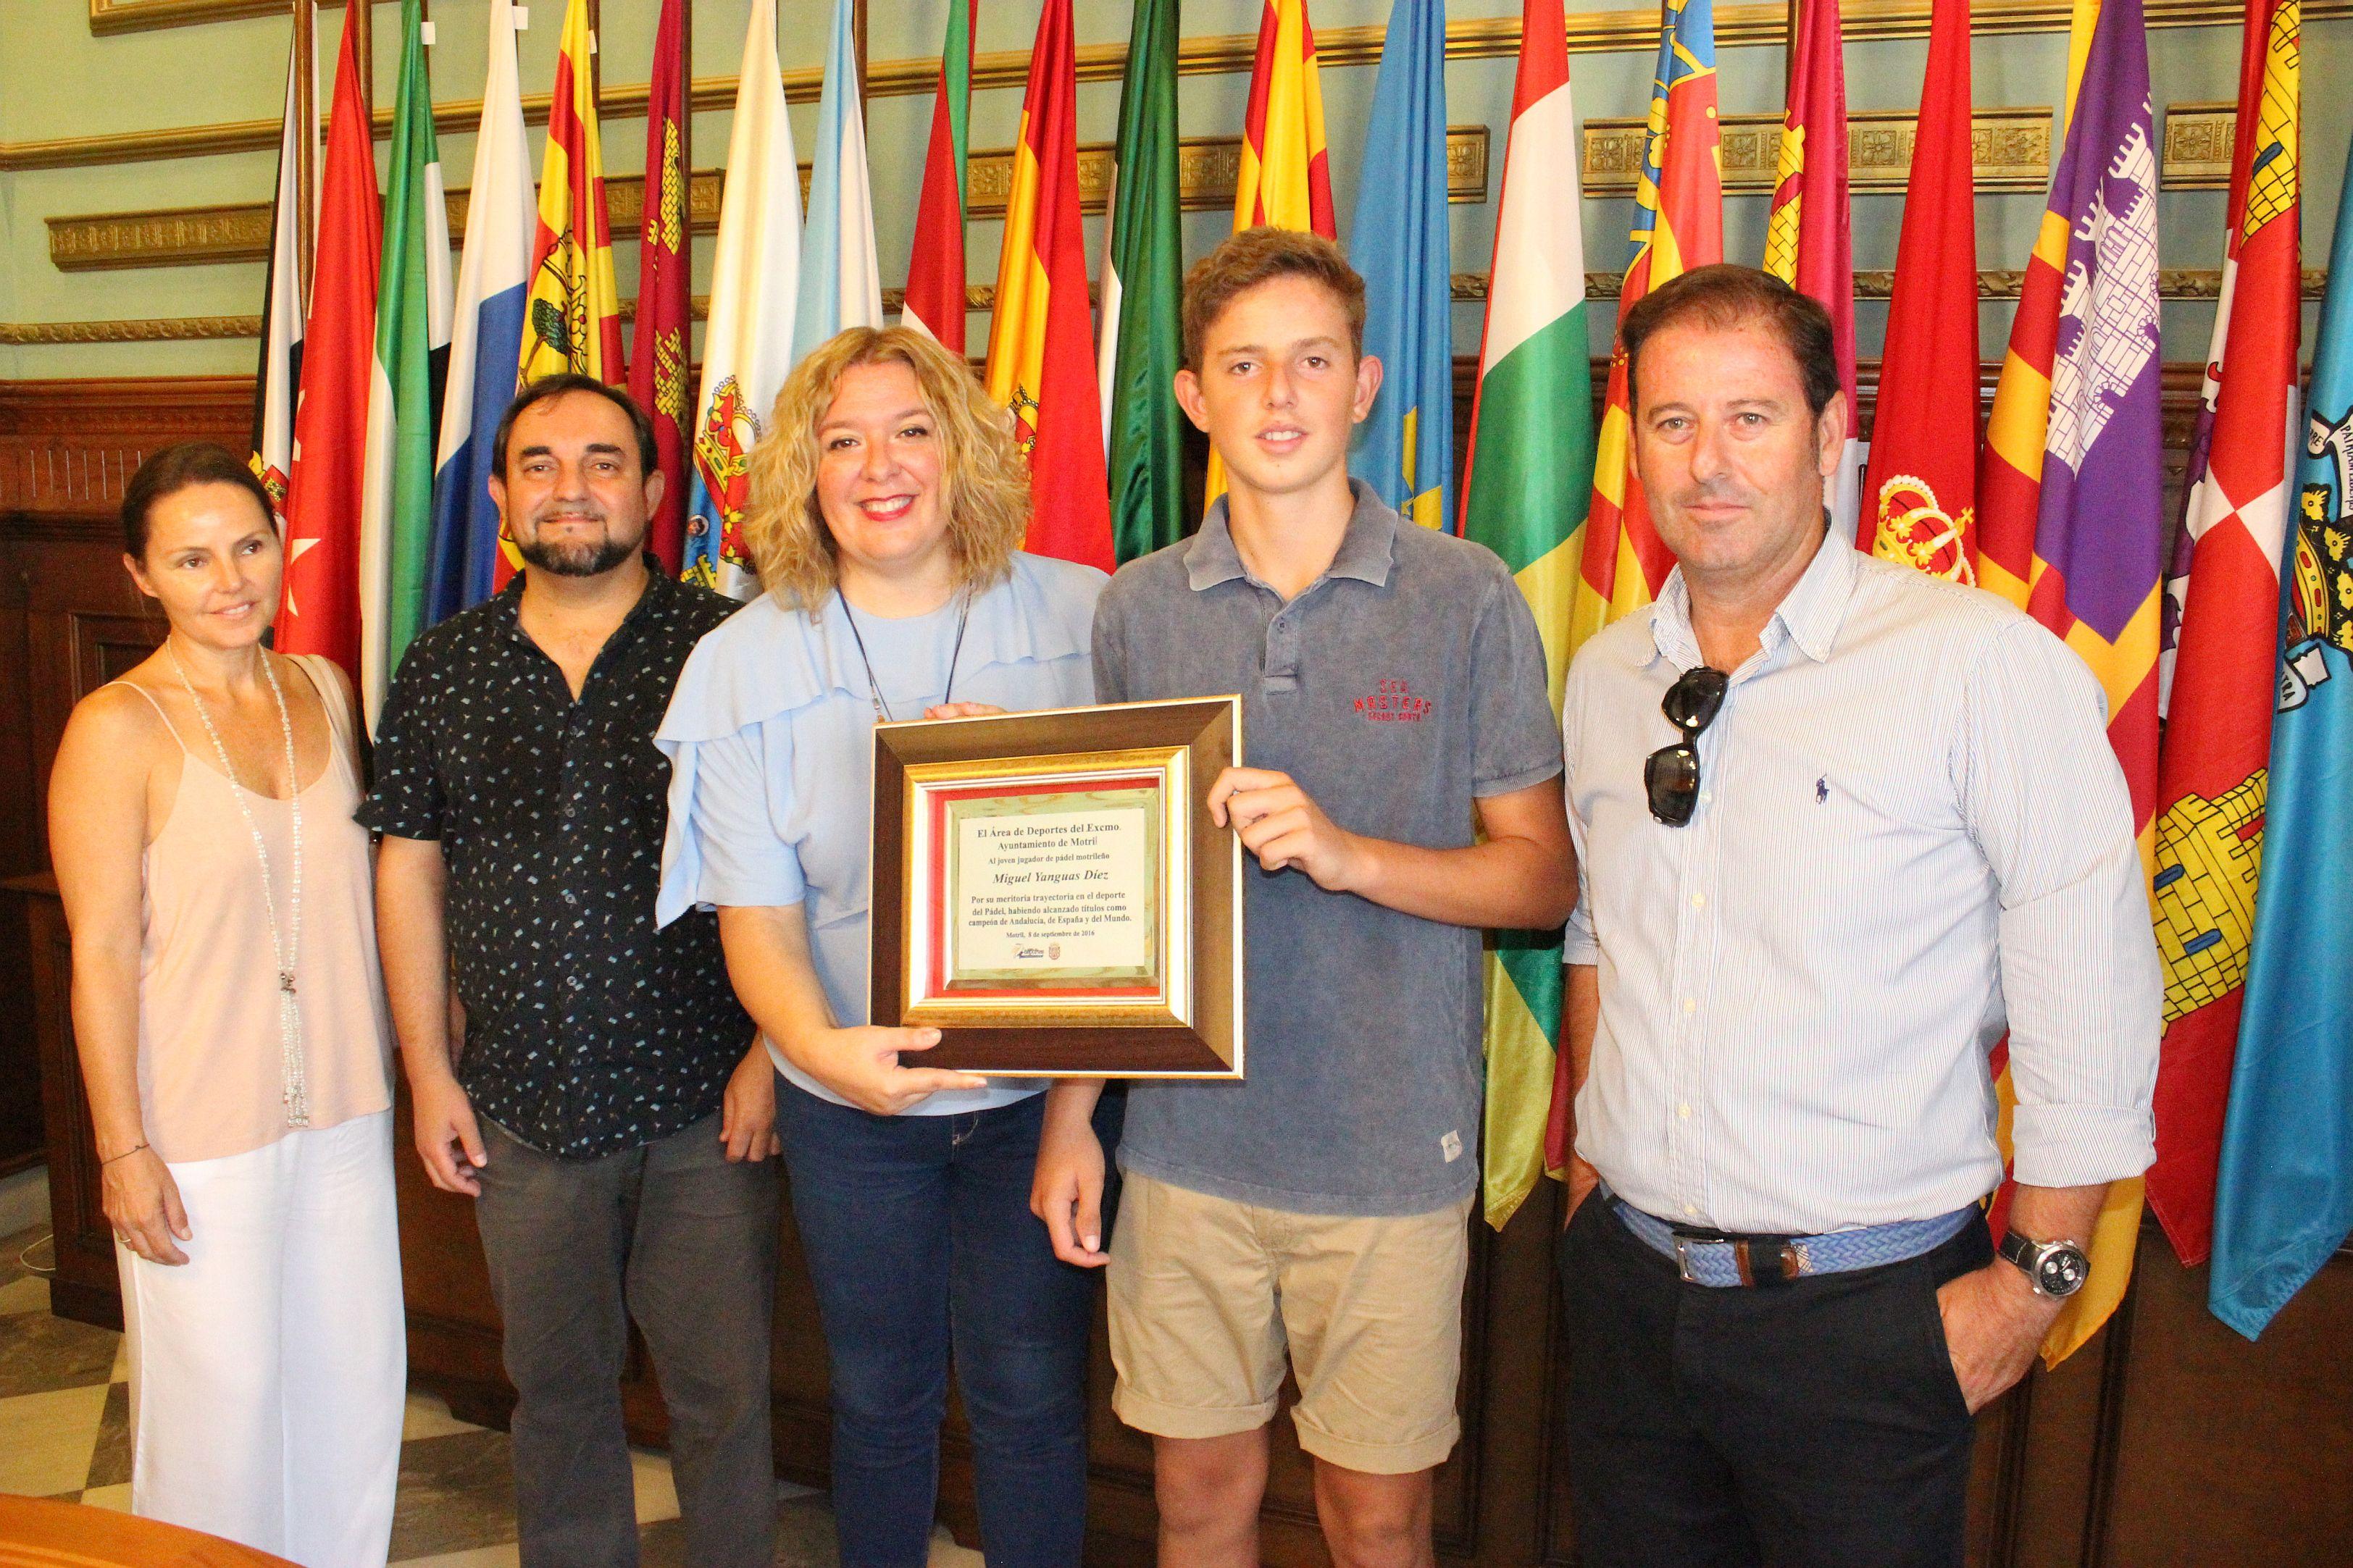 la alcaldesa de Motril entrega la placa de reconocimiento a Miguel Yanguas junto con el concejal de Deportes y la presencia de los padres del deportista